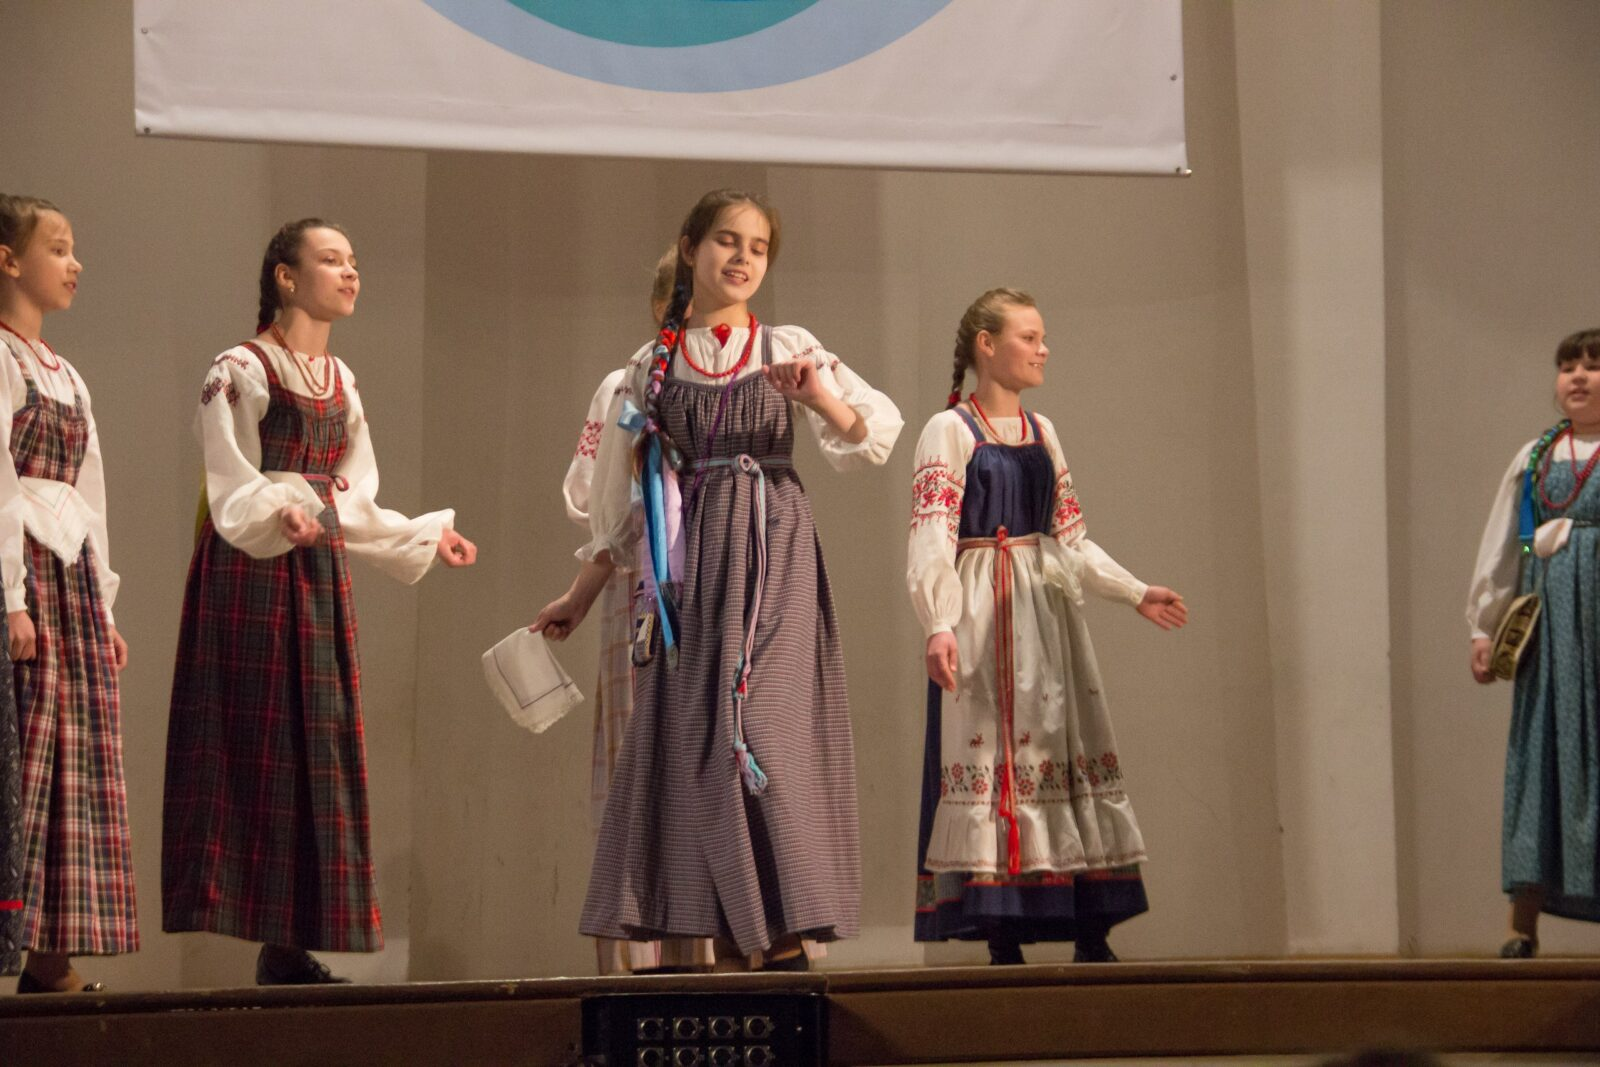 Две тысячи юных исполнителей выступят в Тверской области в масленичную неделю